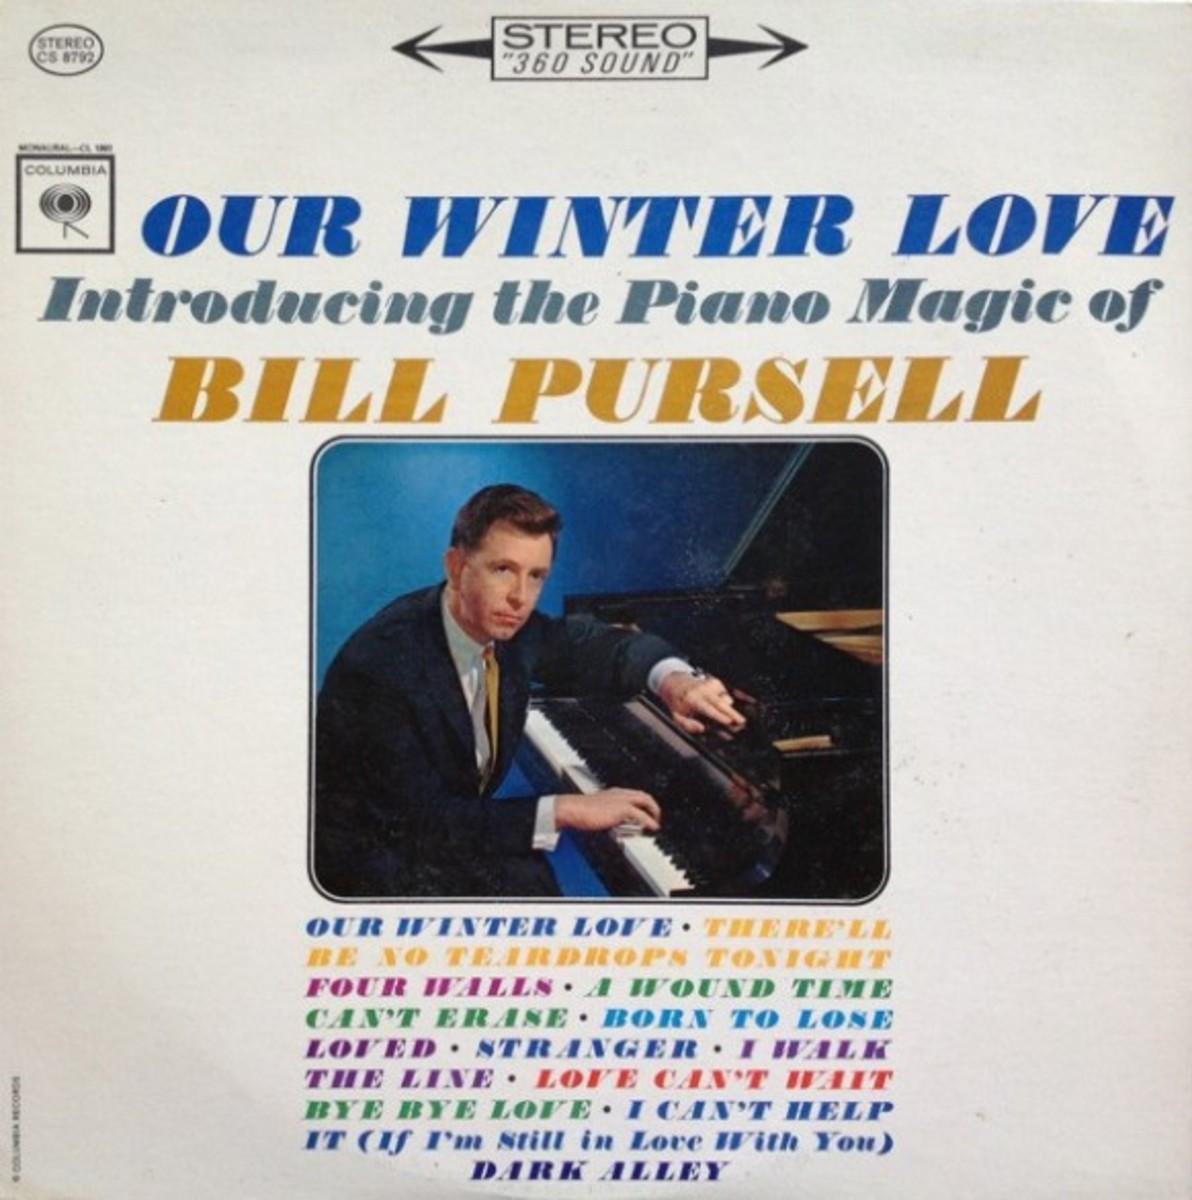 Bill Pursell album